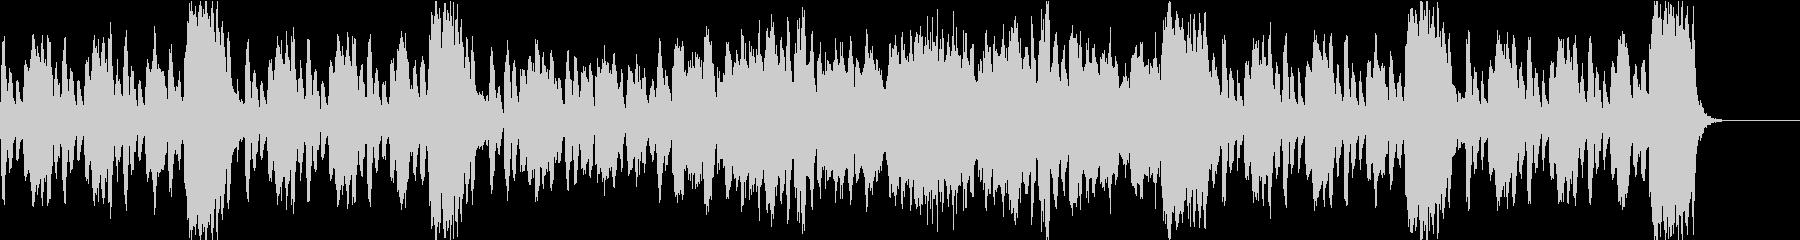 ゲーム・アニメ・CM向けフルートのマーチの未再生の波形